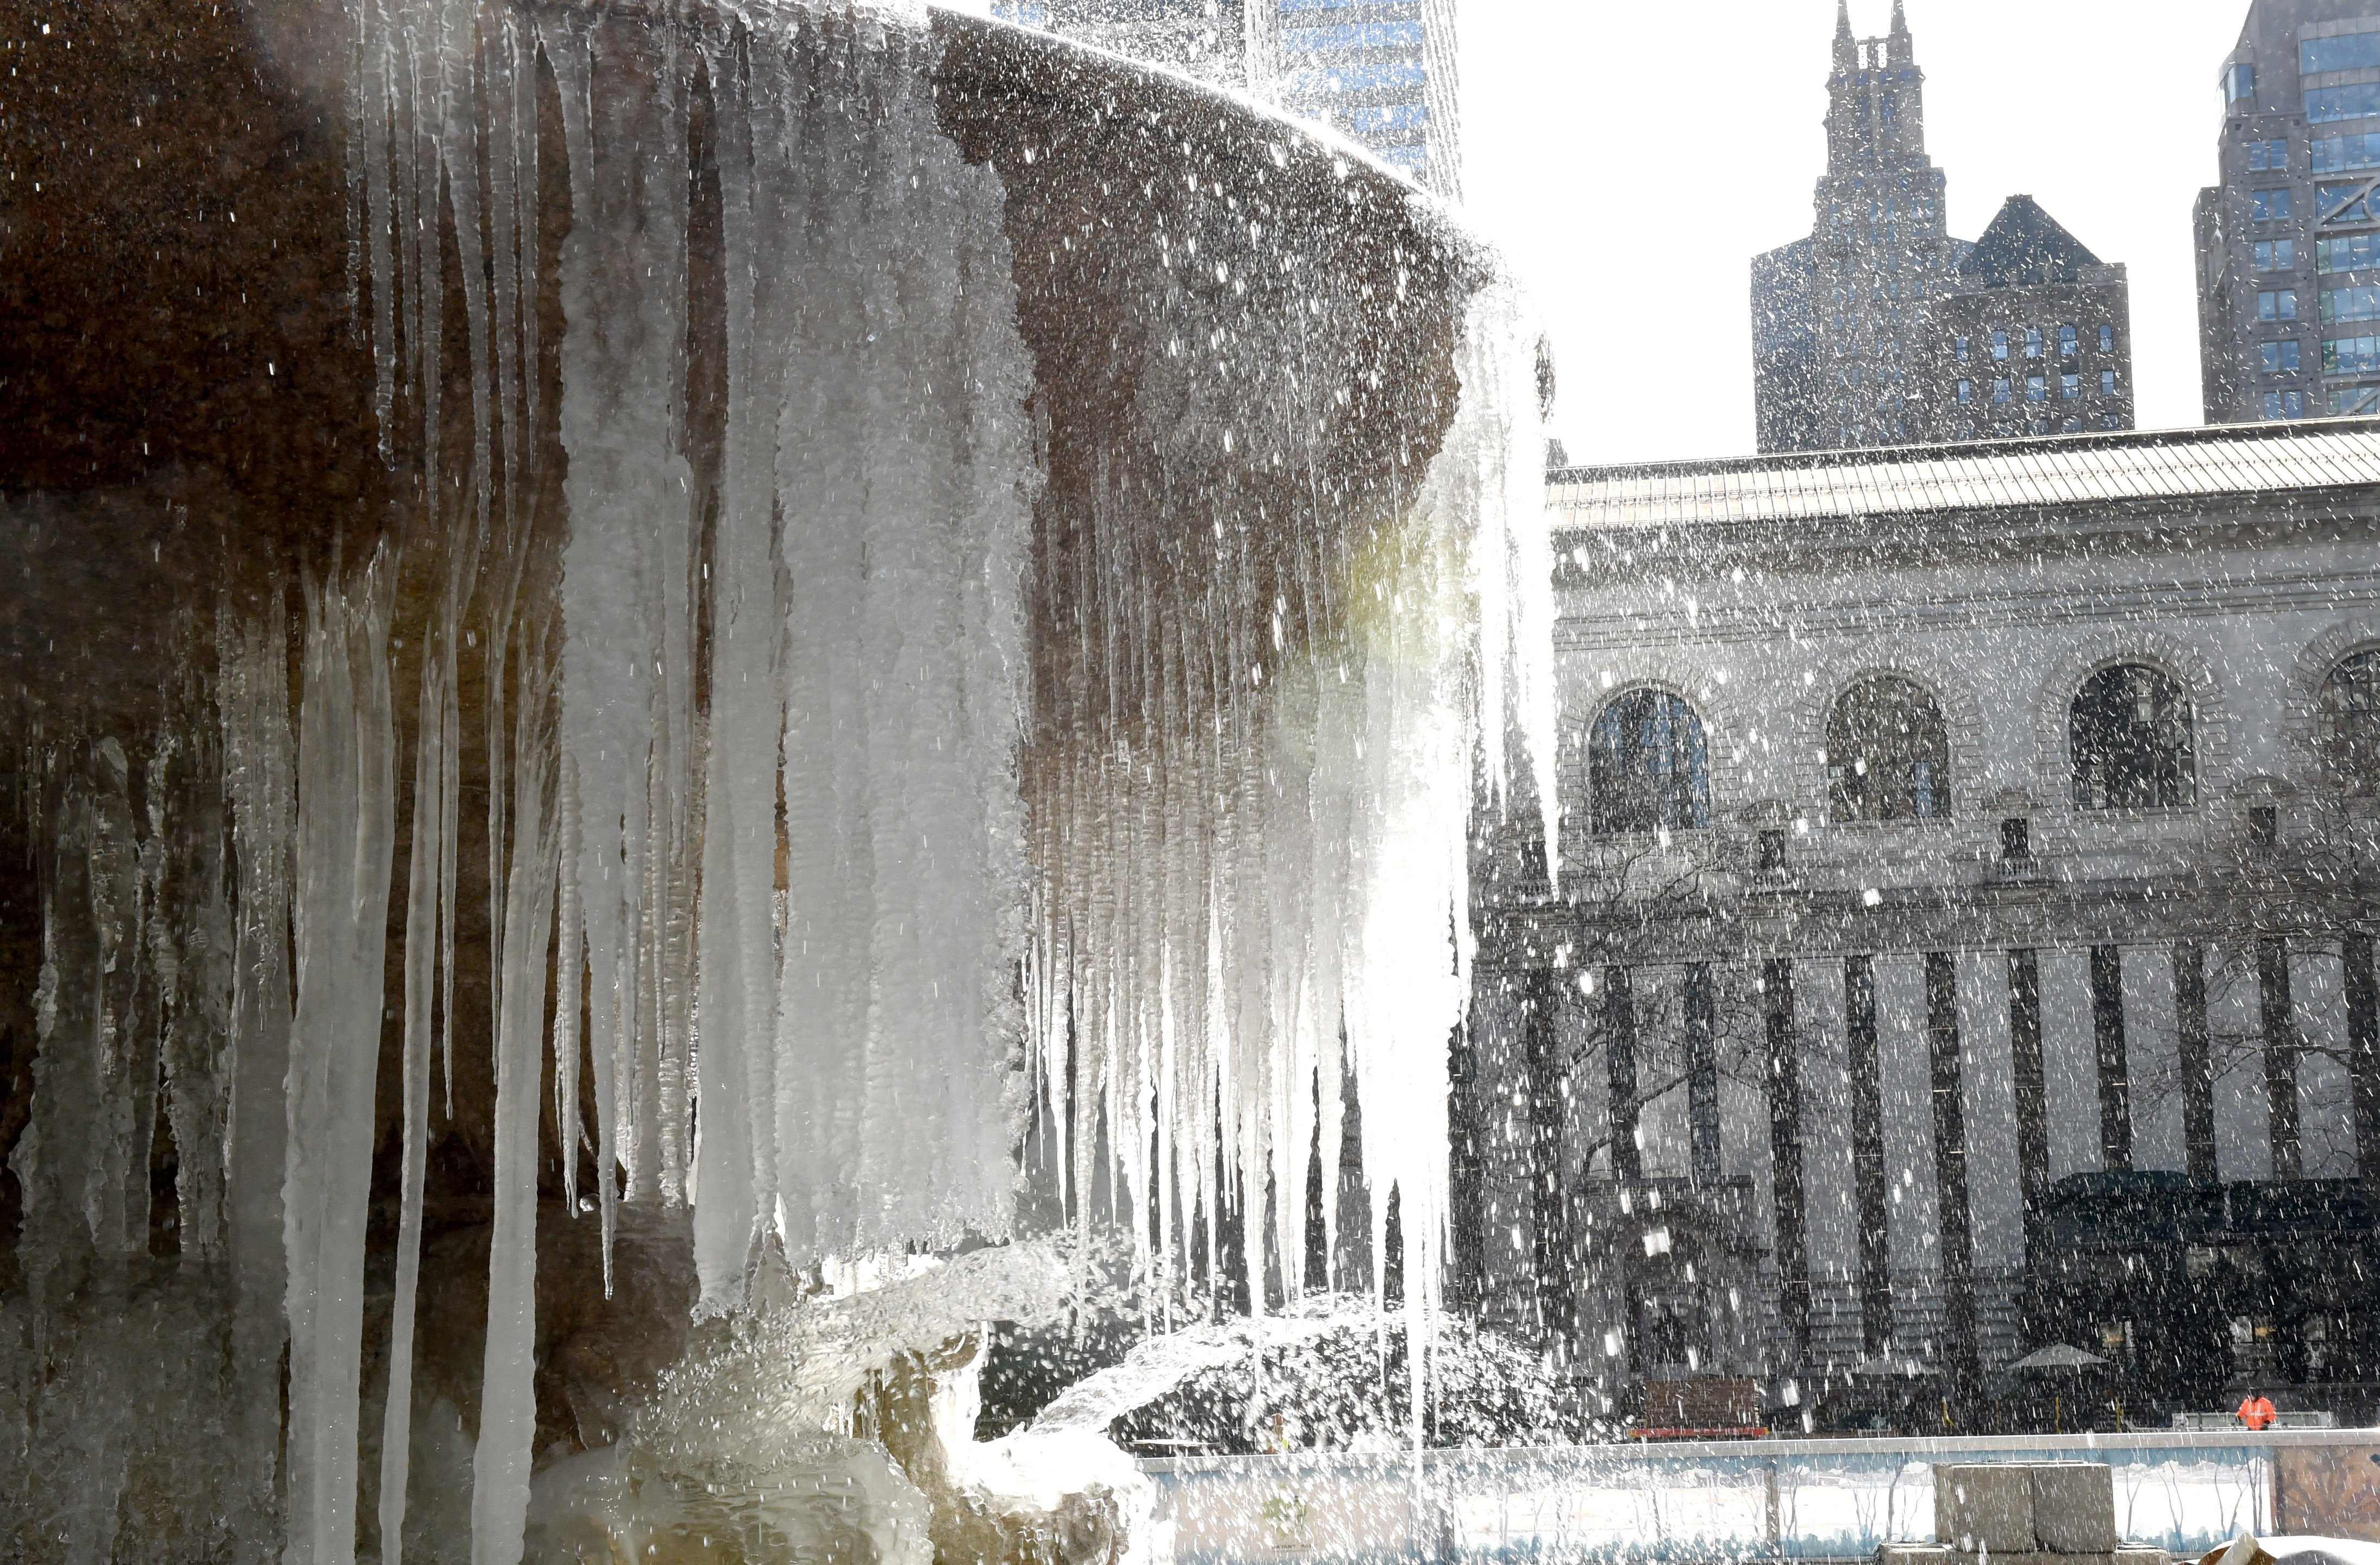 紐約市曼哈頓時報廣場附近萊恩公園(Bryant Park)的噴泉水柱結成冰。(Getty Images)